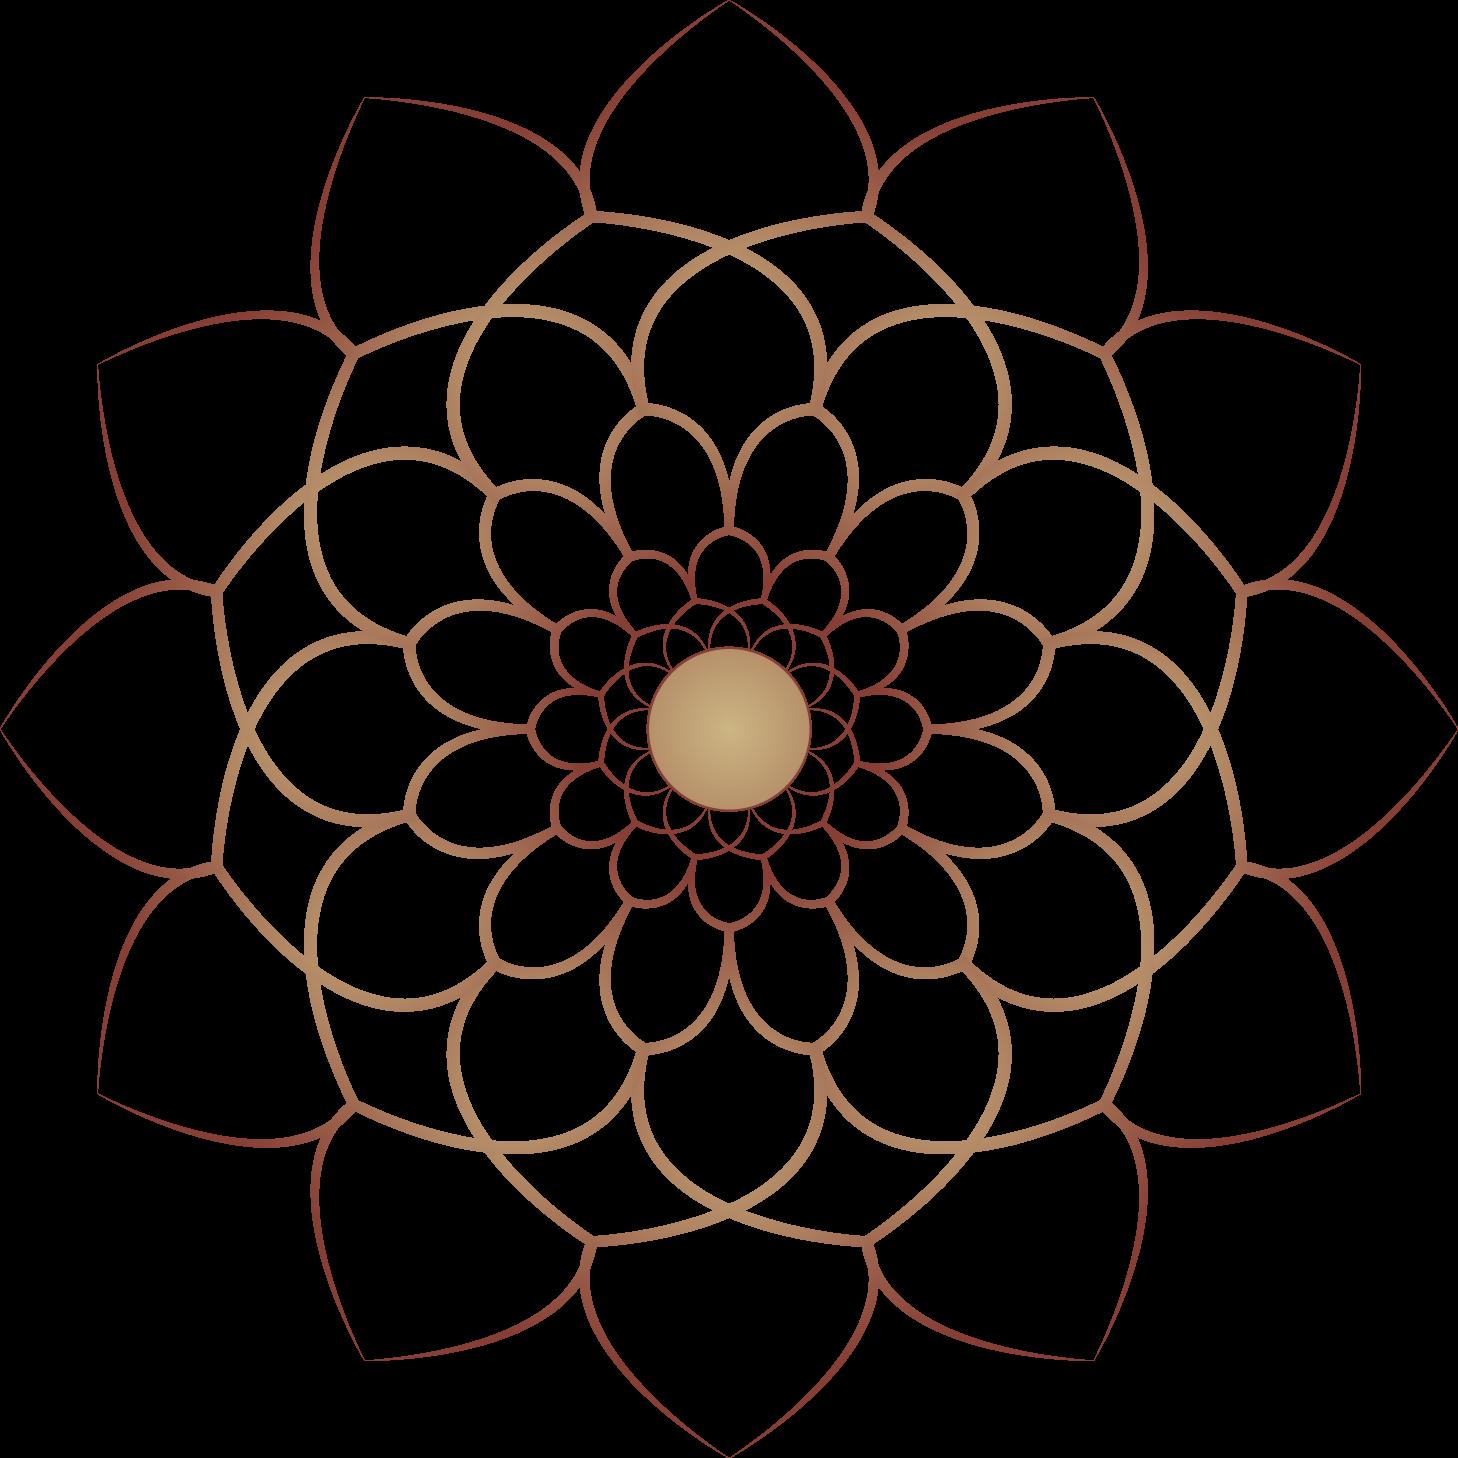 زخرفة اسلامية مدورة من دون خلفية للتصميم والمونتاج بالفوتوشوب Islamic Decoration Of The Montage